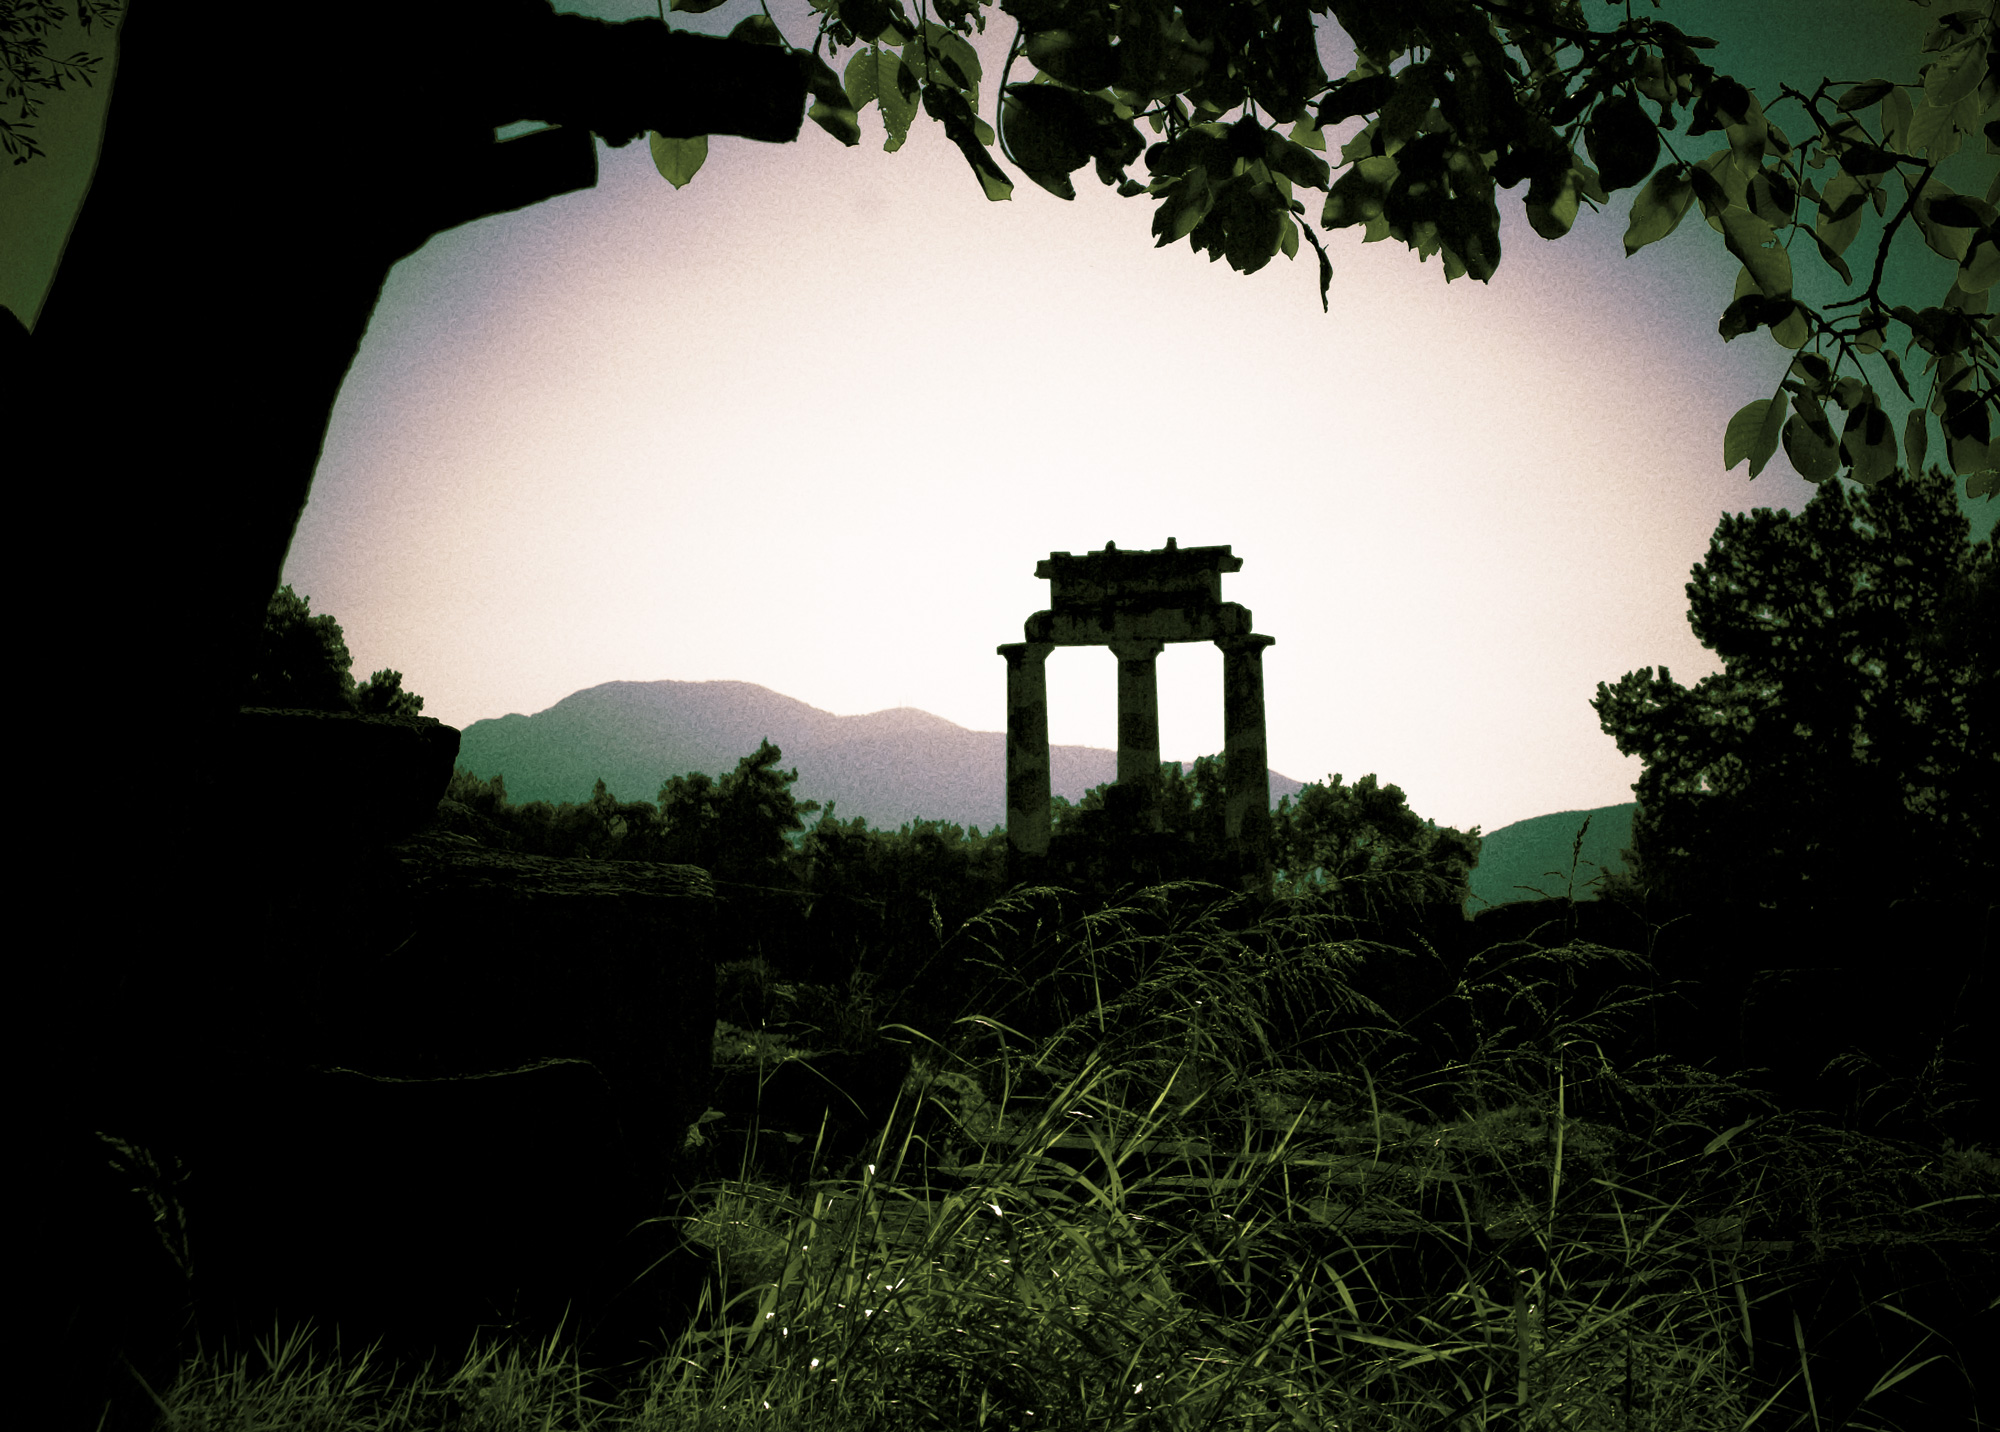 Bild von 1 von 3 Heiligtümern